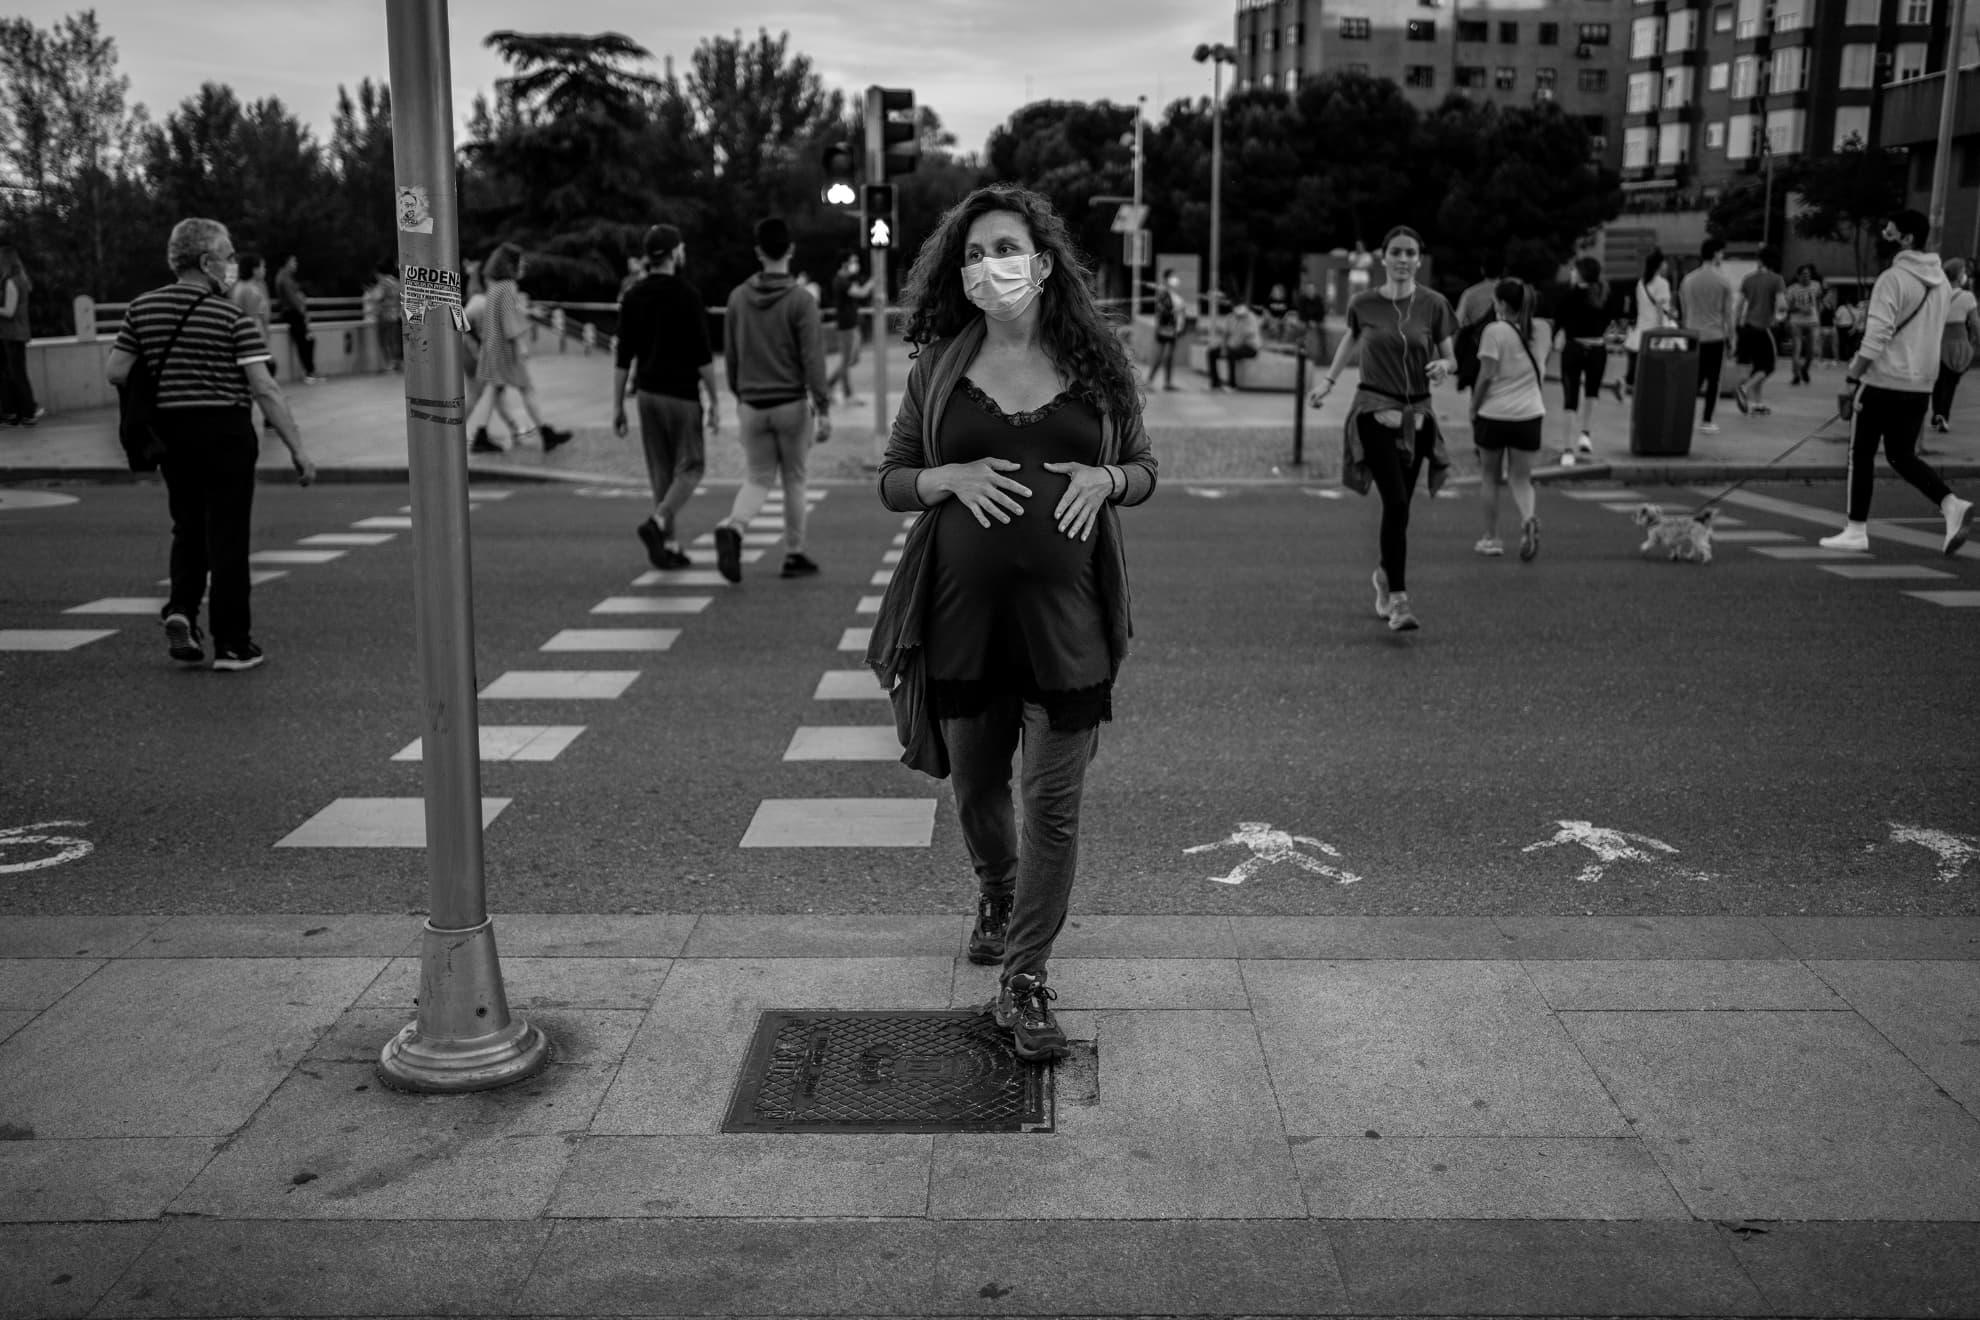 Flotar entre ficción y realidad fue la sensación que tuve durante el primer paseo de la desescalada. Fuimos muchas las que salimos a la calle en un atardecer con aire veraniego. Intuía más de una sonrisa detrás de las mascarillas. Parejas de la mano paseando cruzando el río y algunos más solitarios compartían el momento por videollamada. Reconozco que, después de tantos días de encierro, abrumaba cruzarse con tanta gente. Sin duda, lo más comentado en Madrid es la petición de la ciudadanía de la apertura de parques o zonas de verdes de paseo para que este ratito del día sea seguro y no nos dé ningún susto.